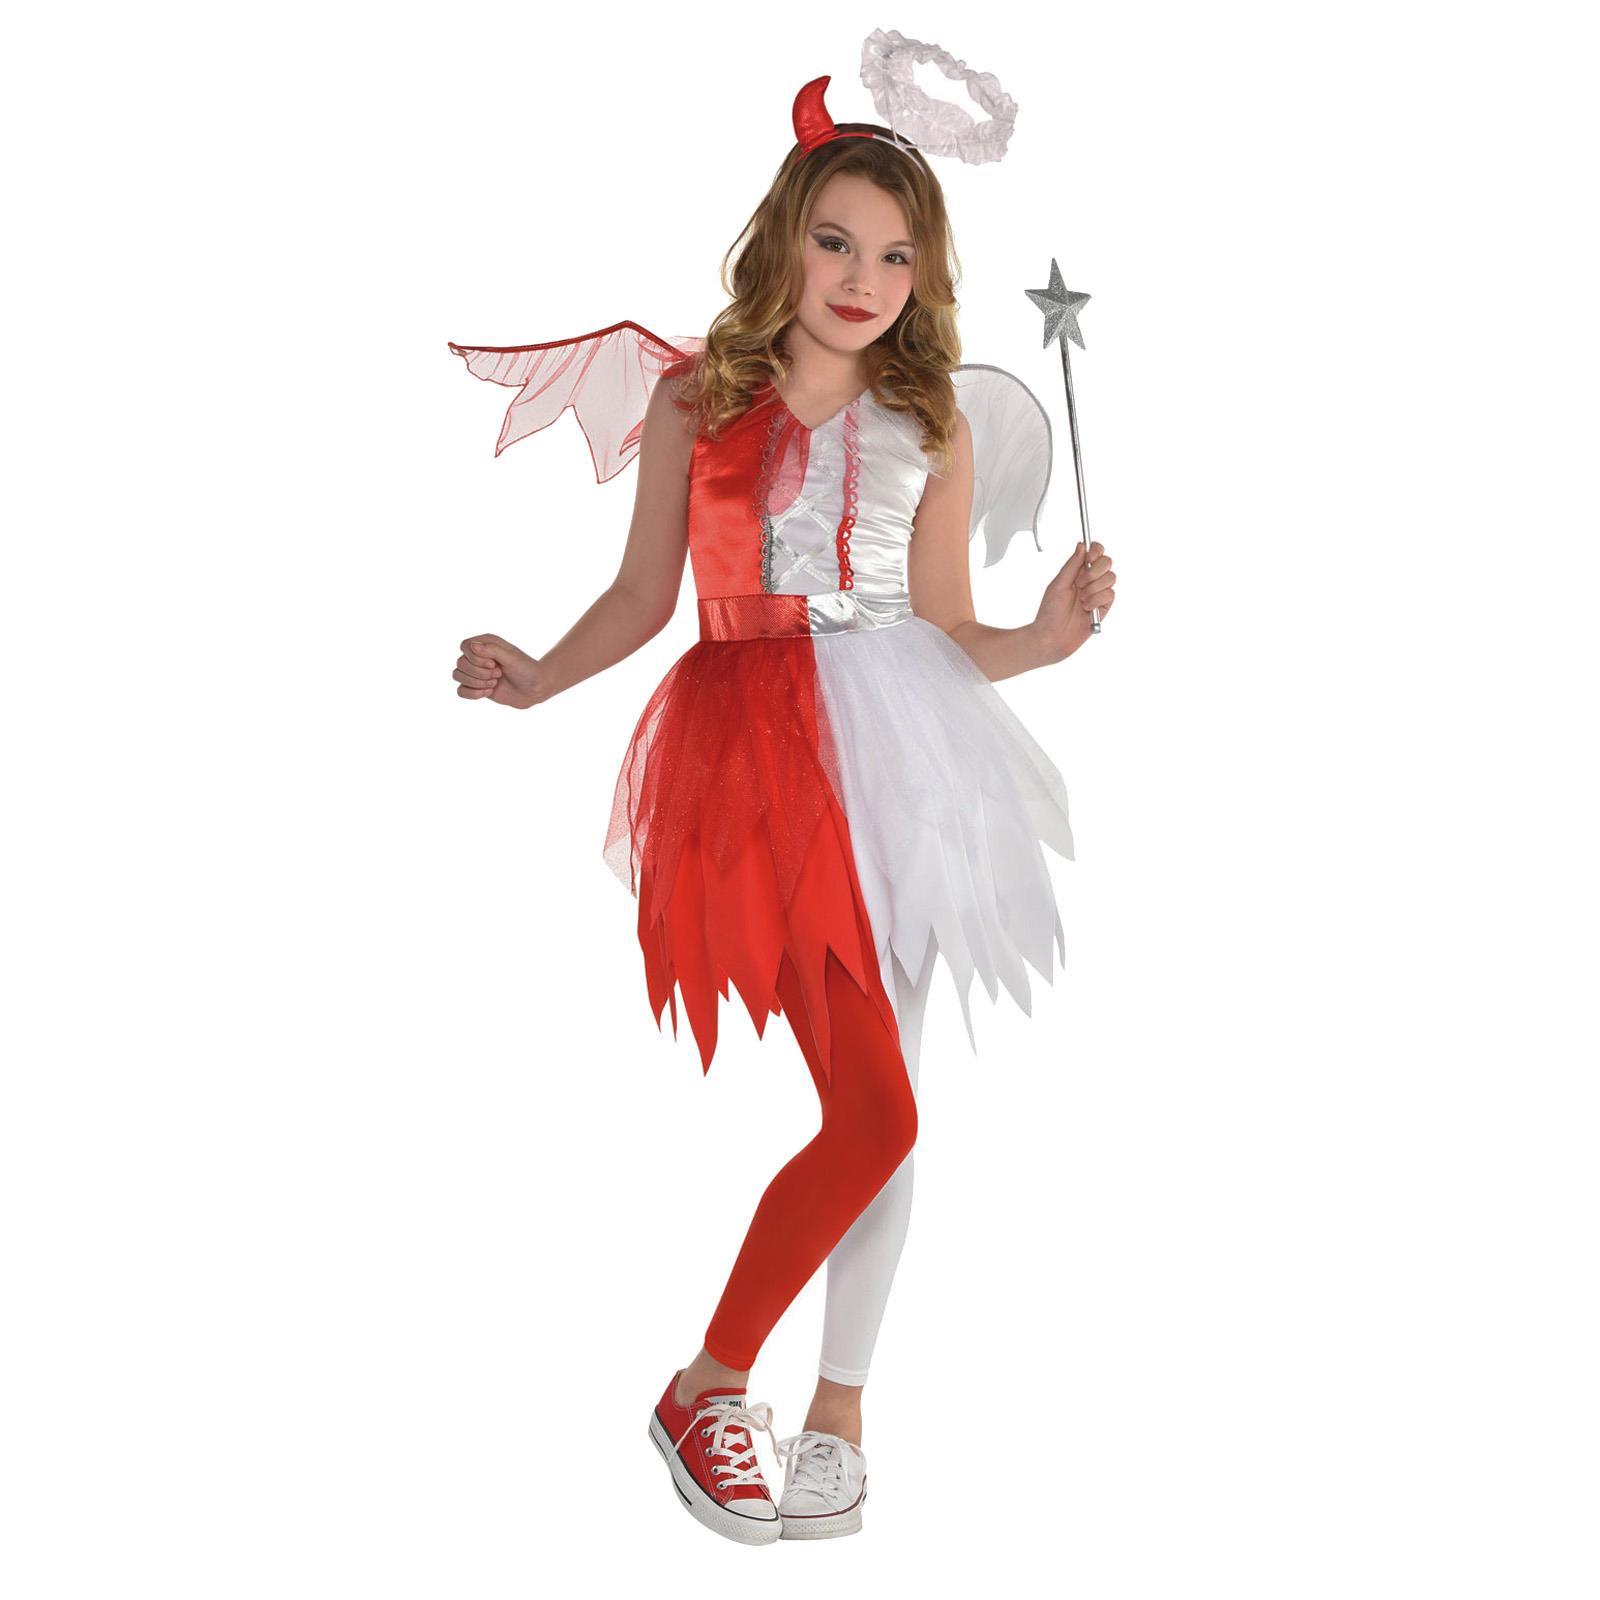 le ali//ALONE Deluxe Angel Natività Ragazze Natale Costume Età 5-13 Inc